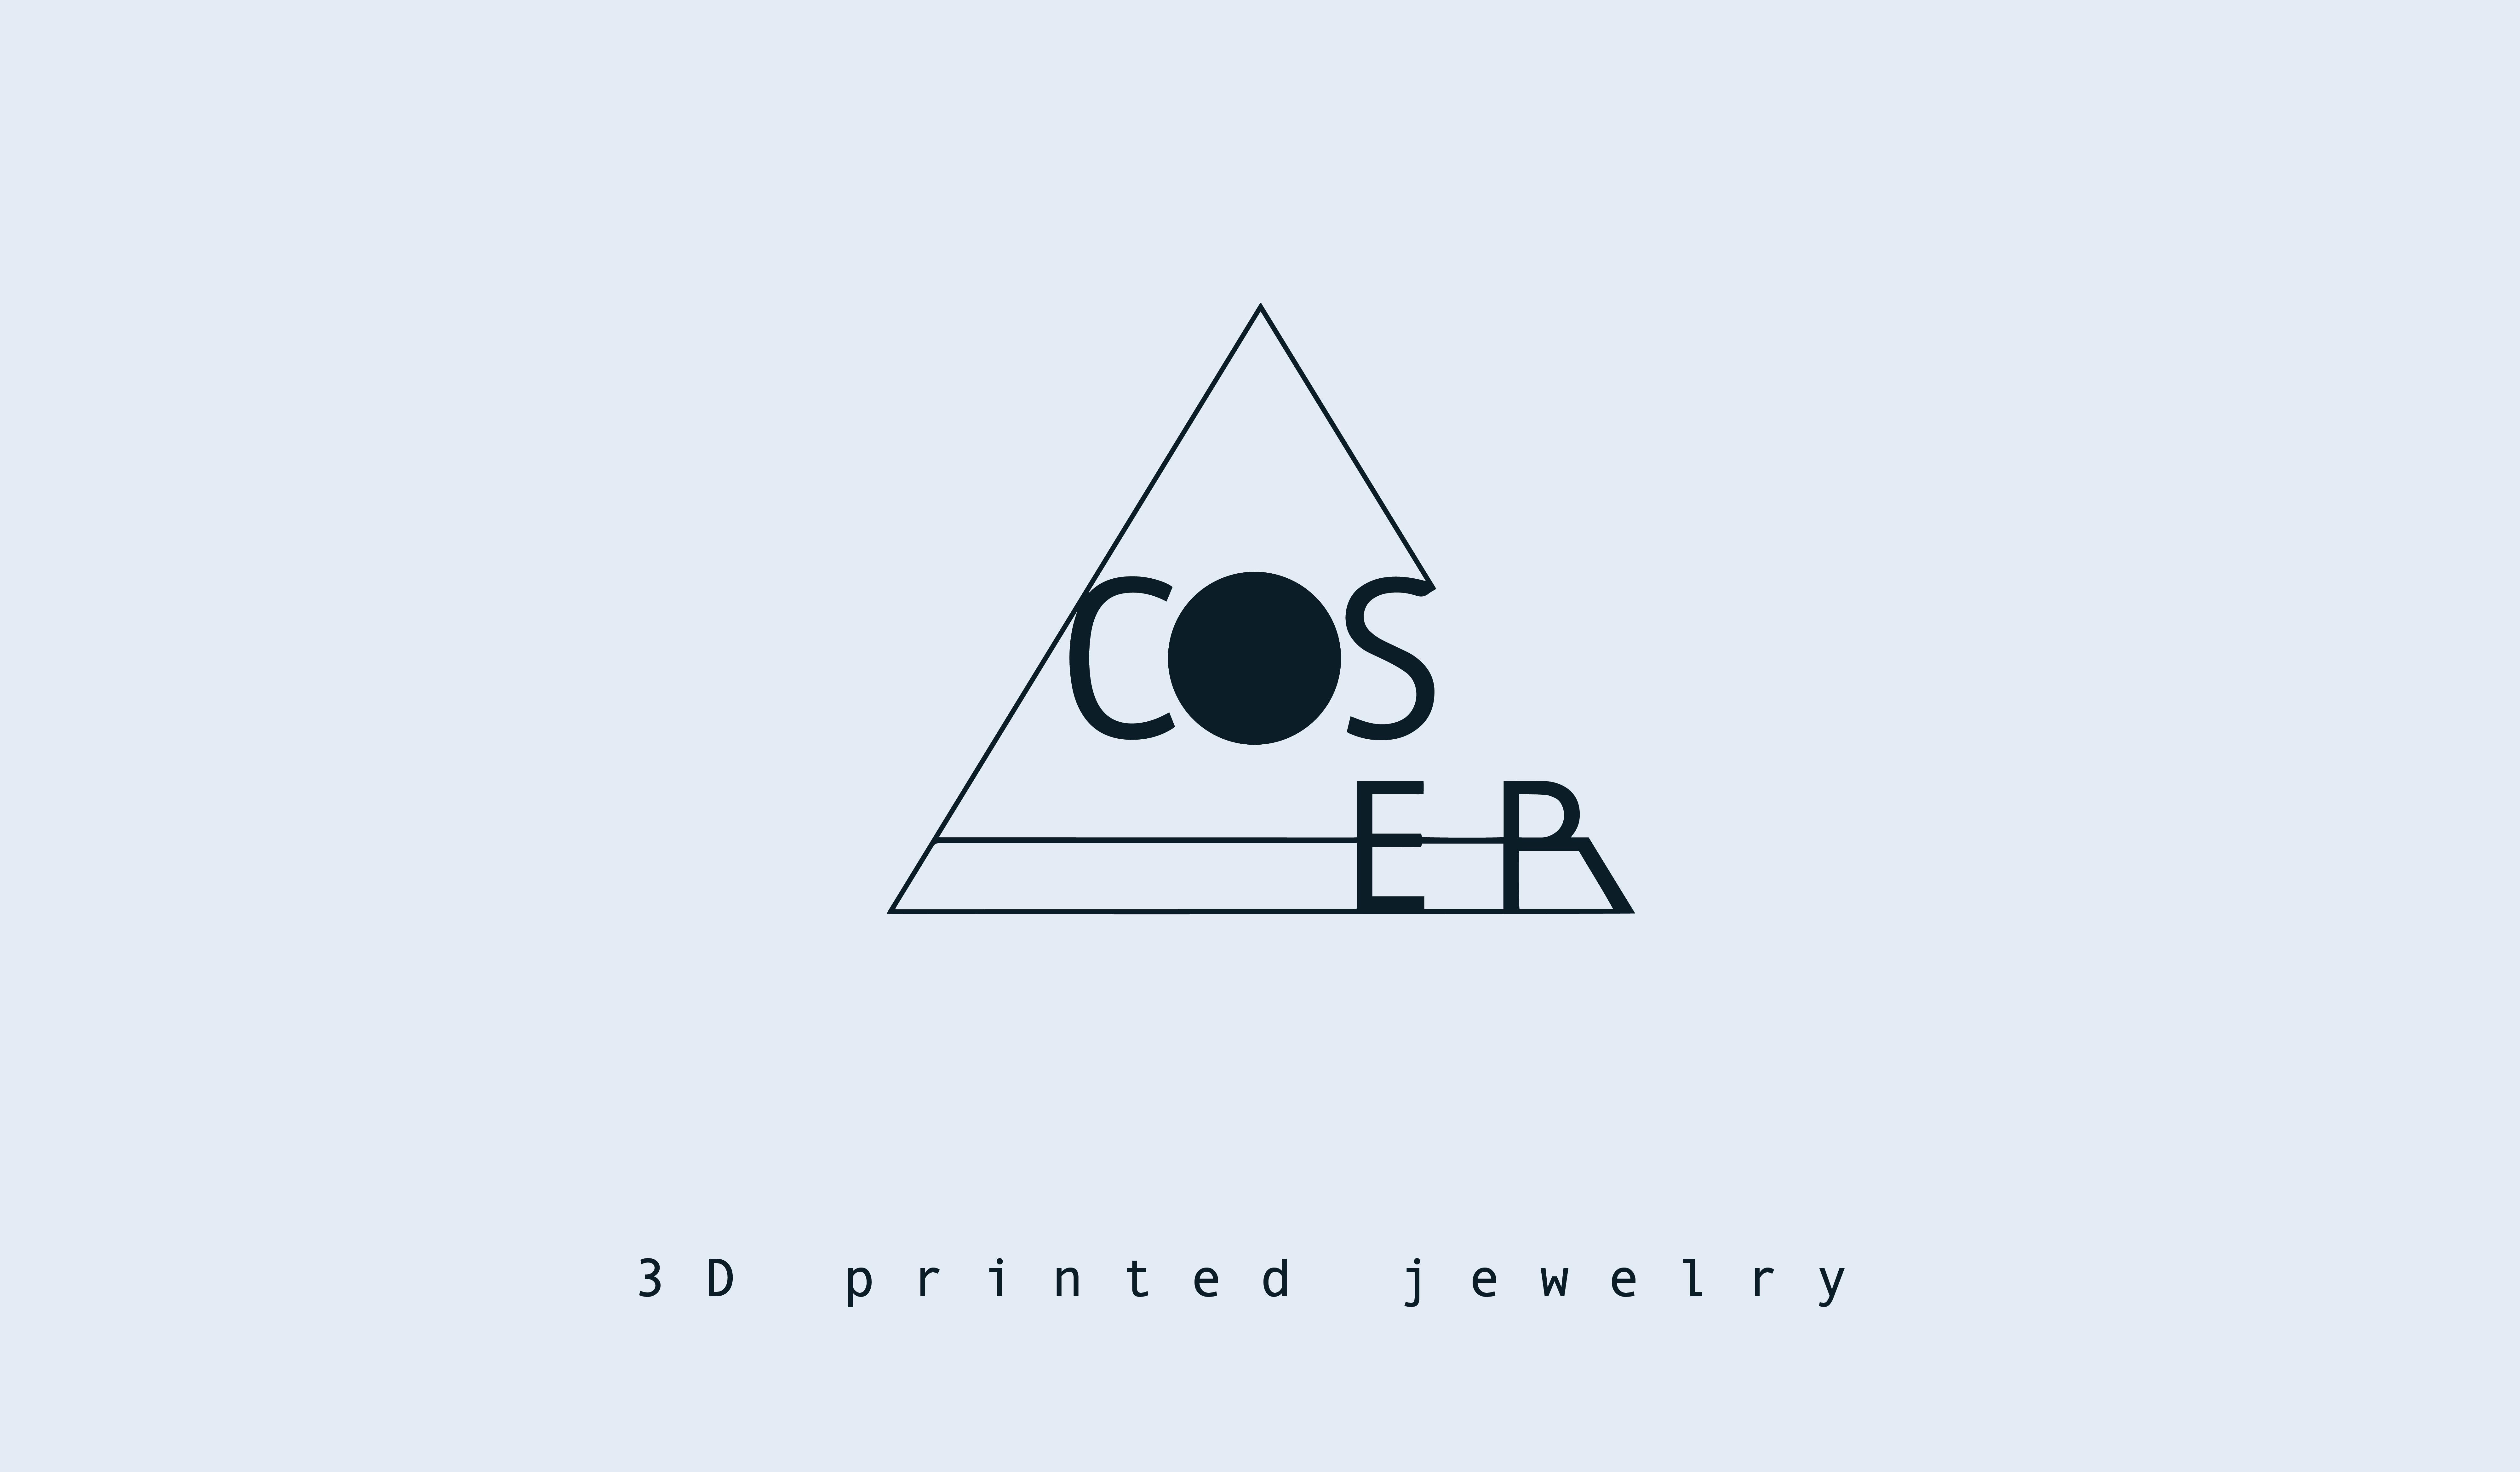 cos-er-03